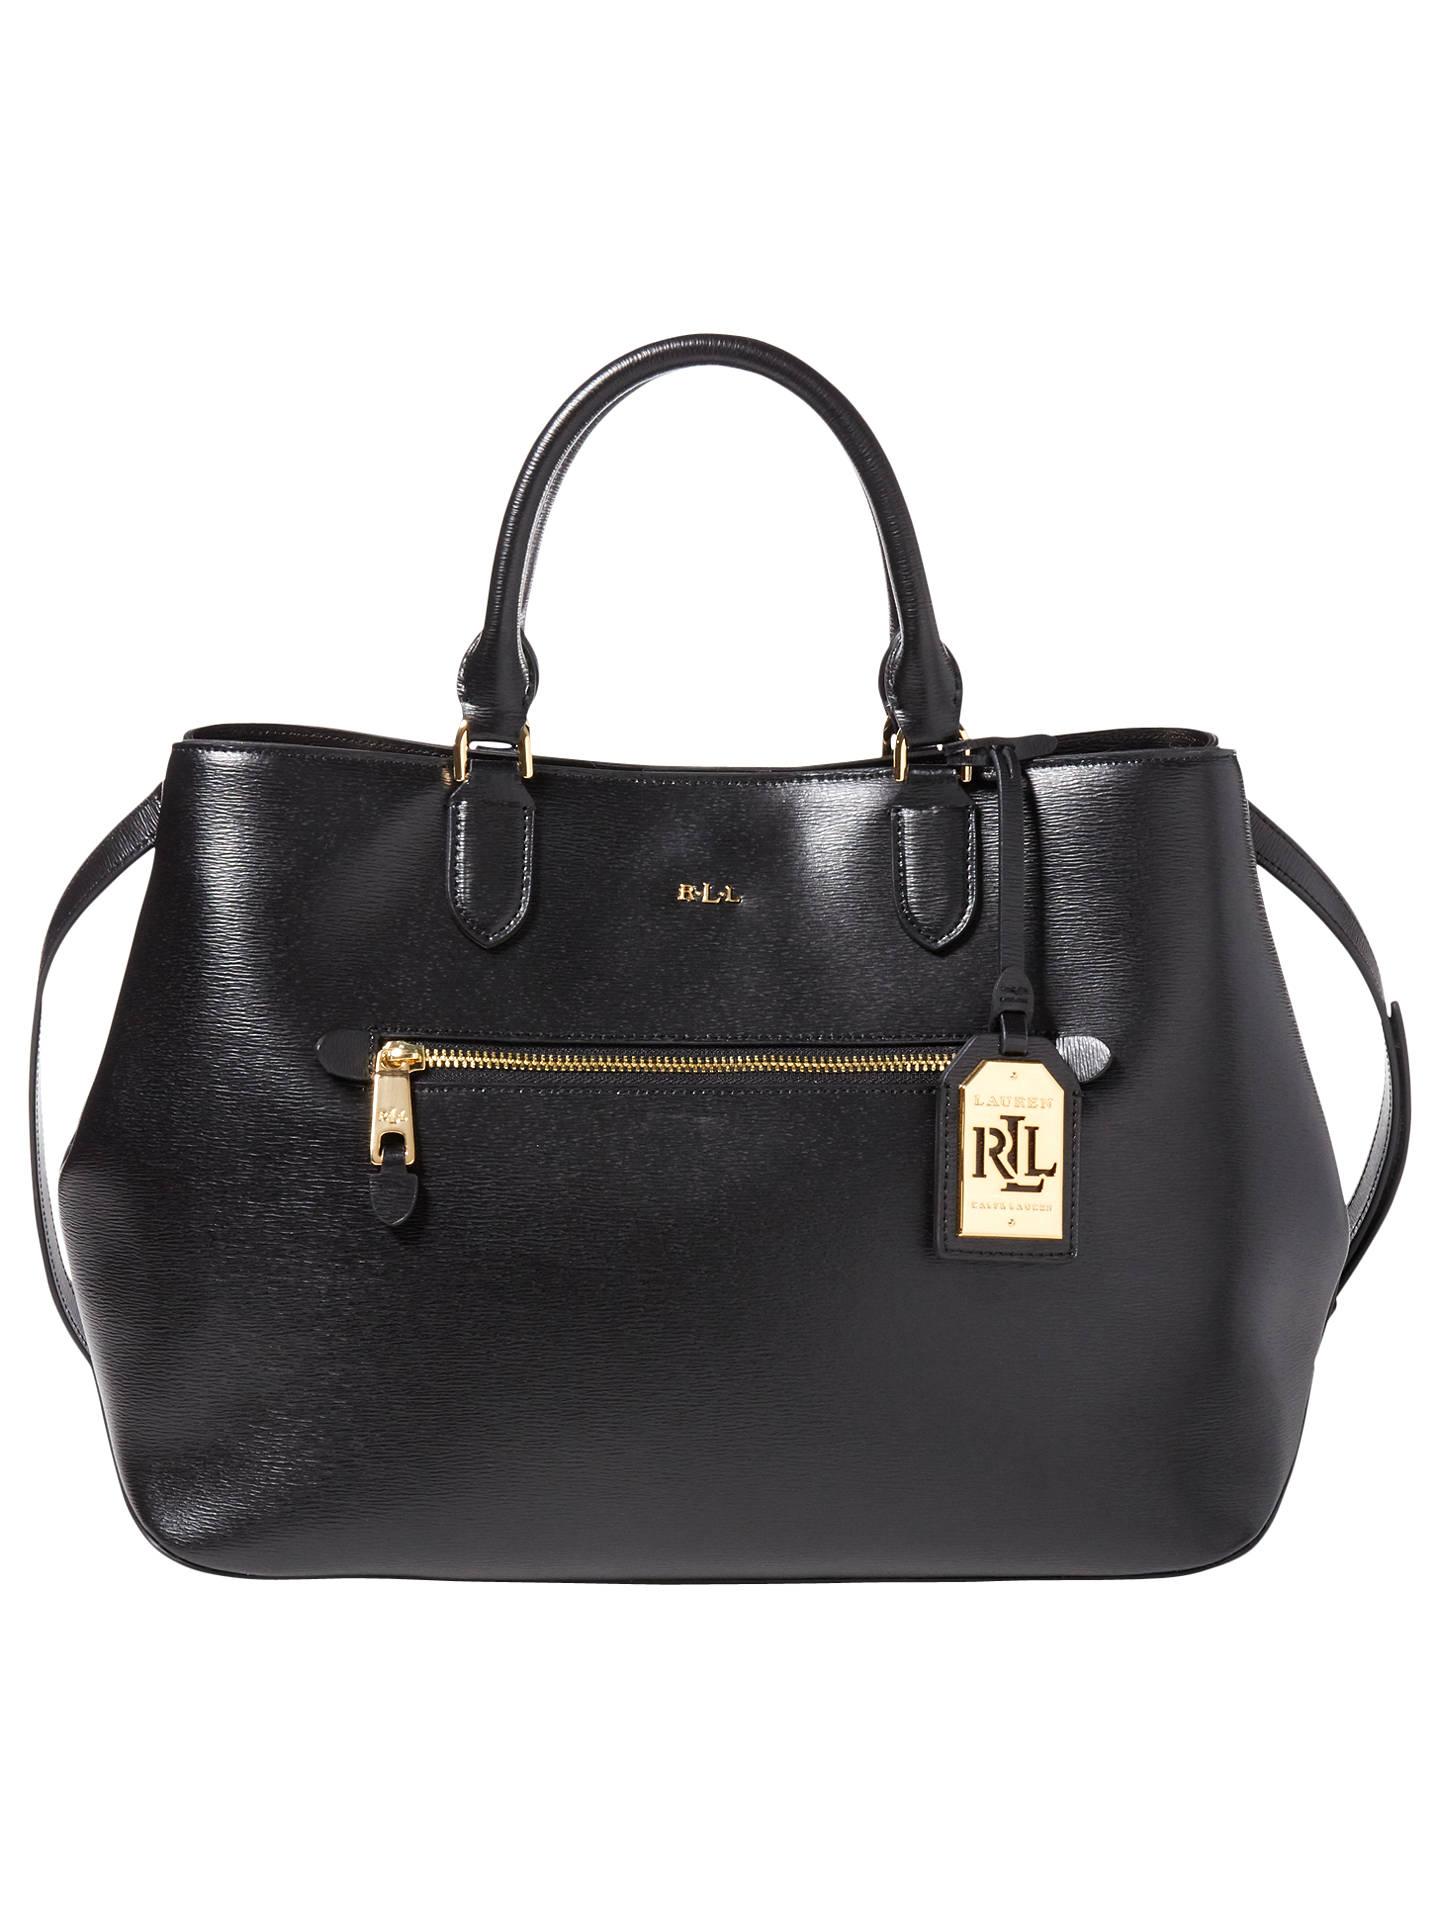 2c94019a5f Buy Lauren Ralph Lauren Saffiano Sabine Satchel Bag